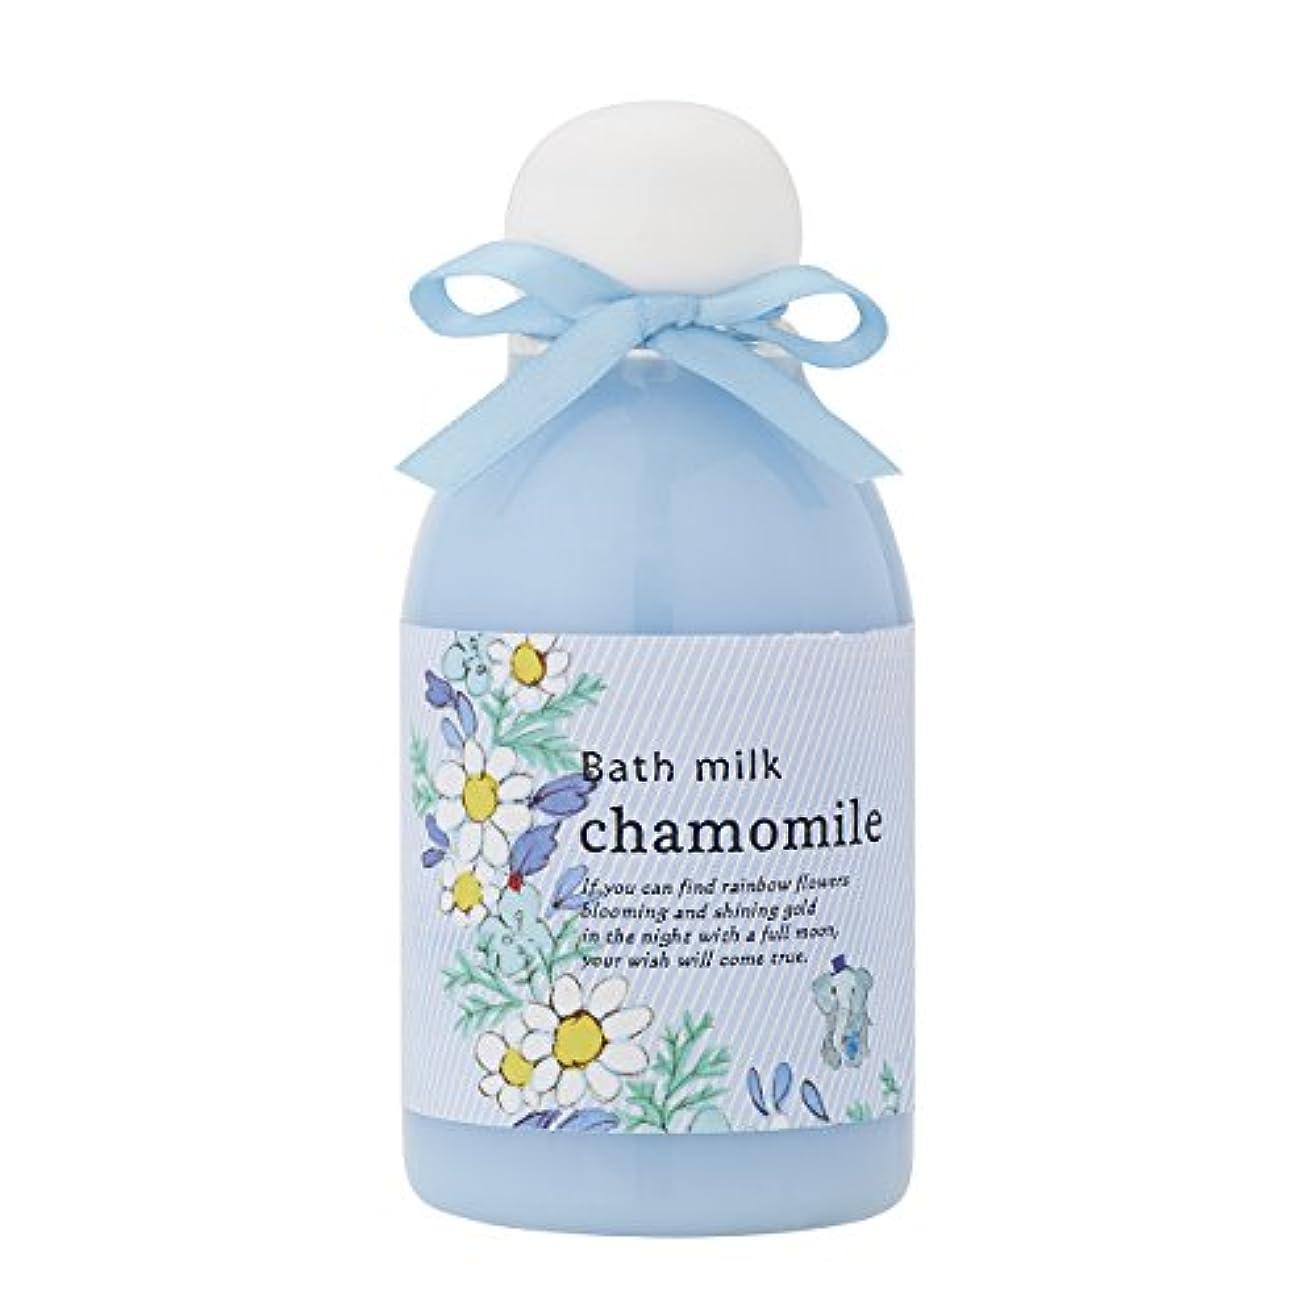 インタネットを見るレーニン主義局サンハーブ バスミルク カモマイル 200ml(バブルバスタイプ入浴料 泡風呂 やさしく穏やかな甘い香り)